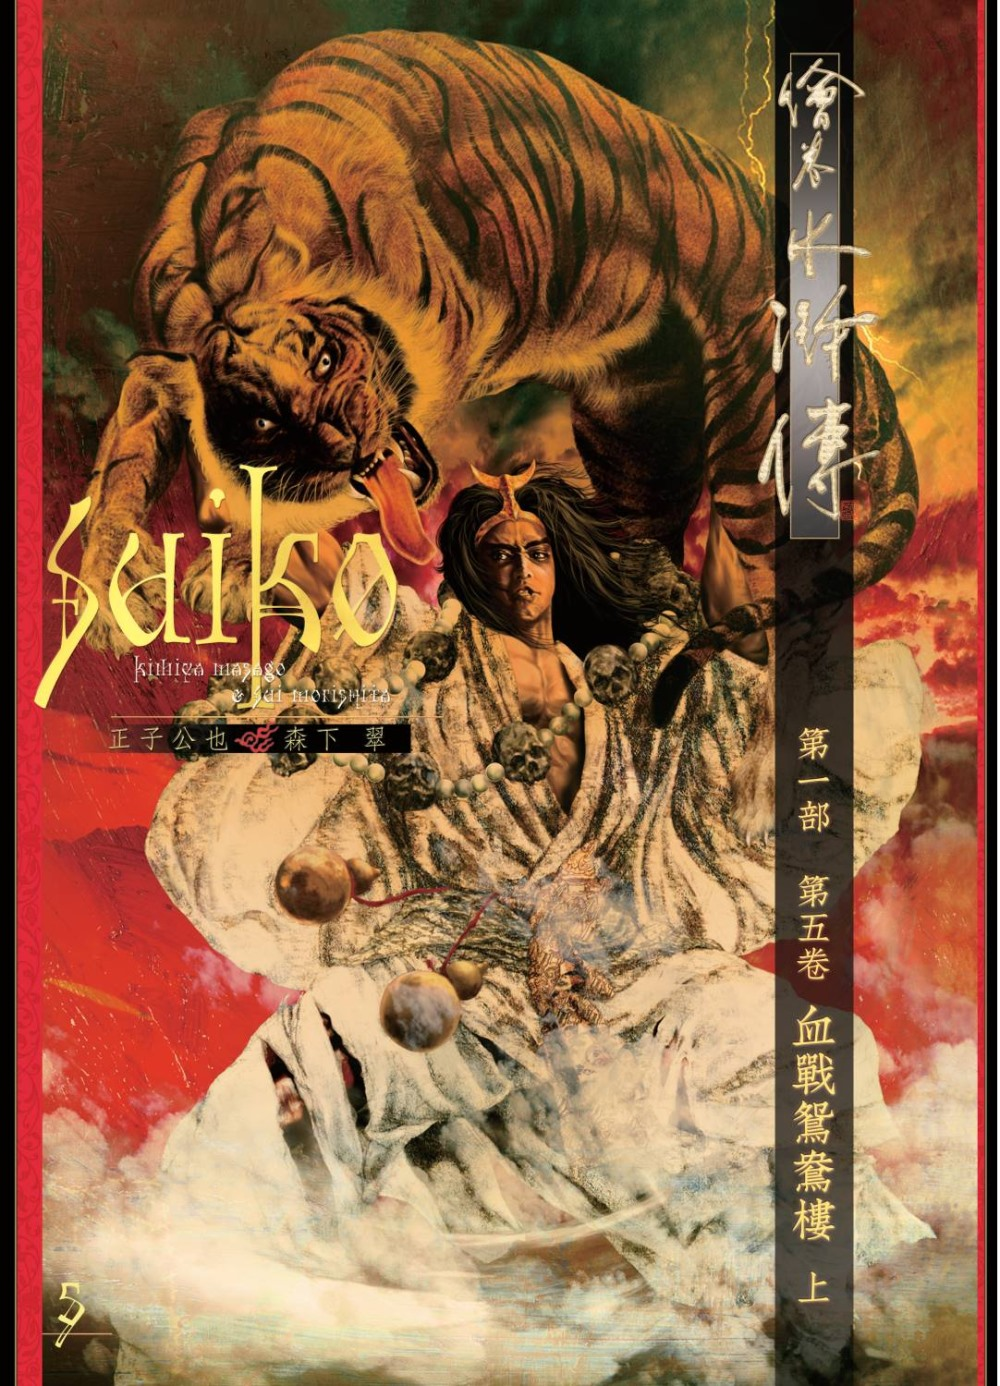 繪卷水滸傳(第一部)第五卷:血戰鴛鴦樓(上)